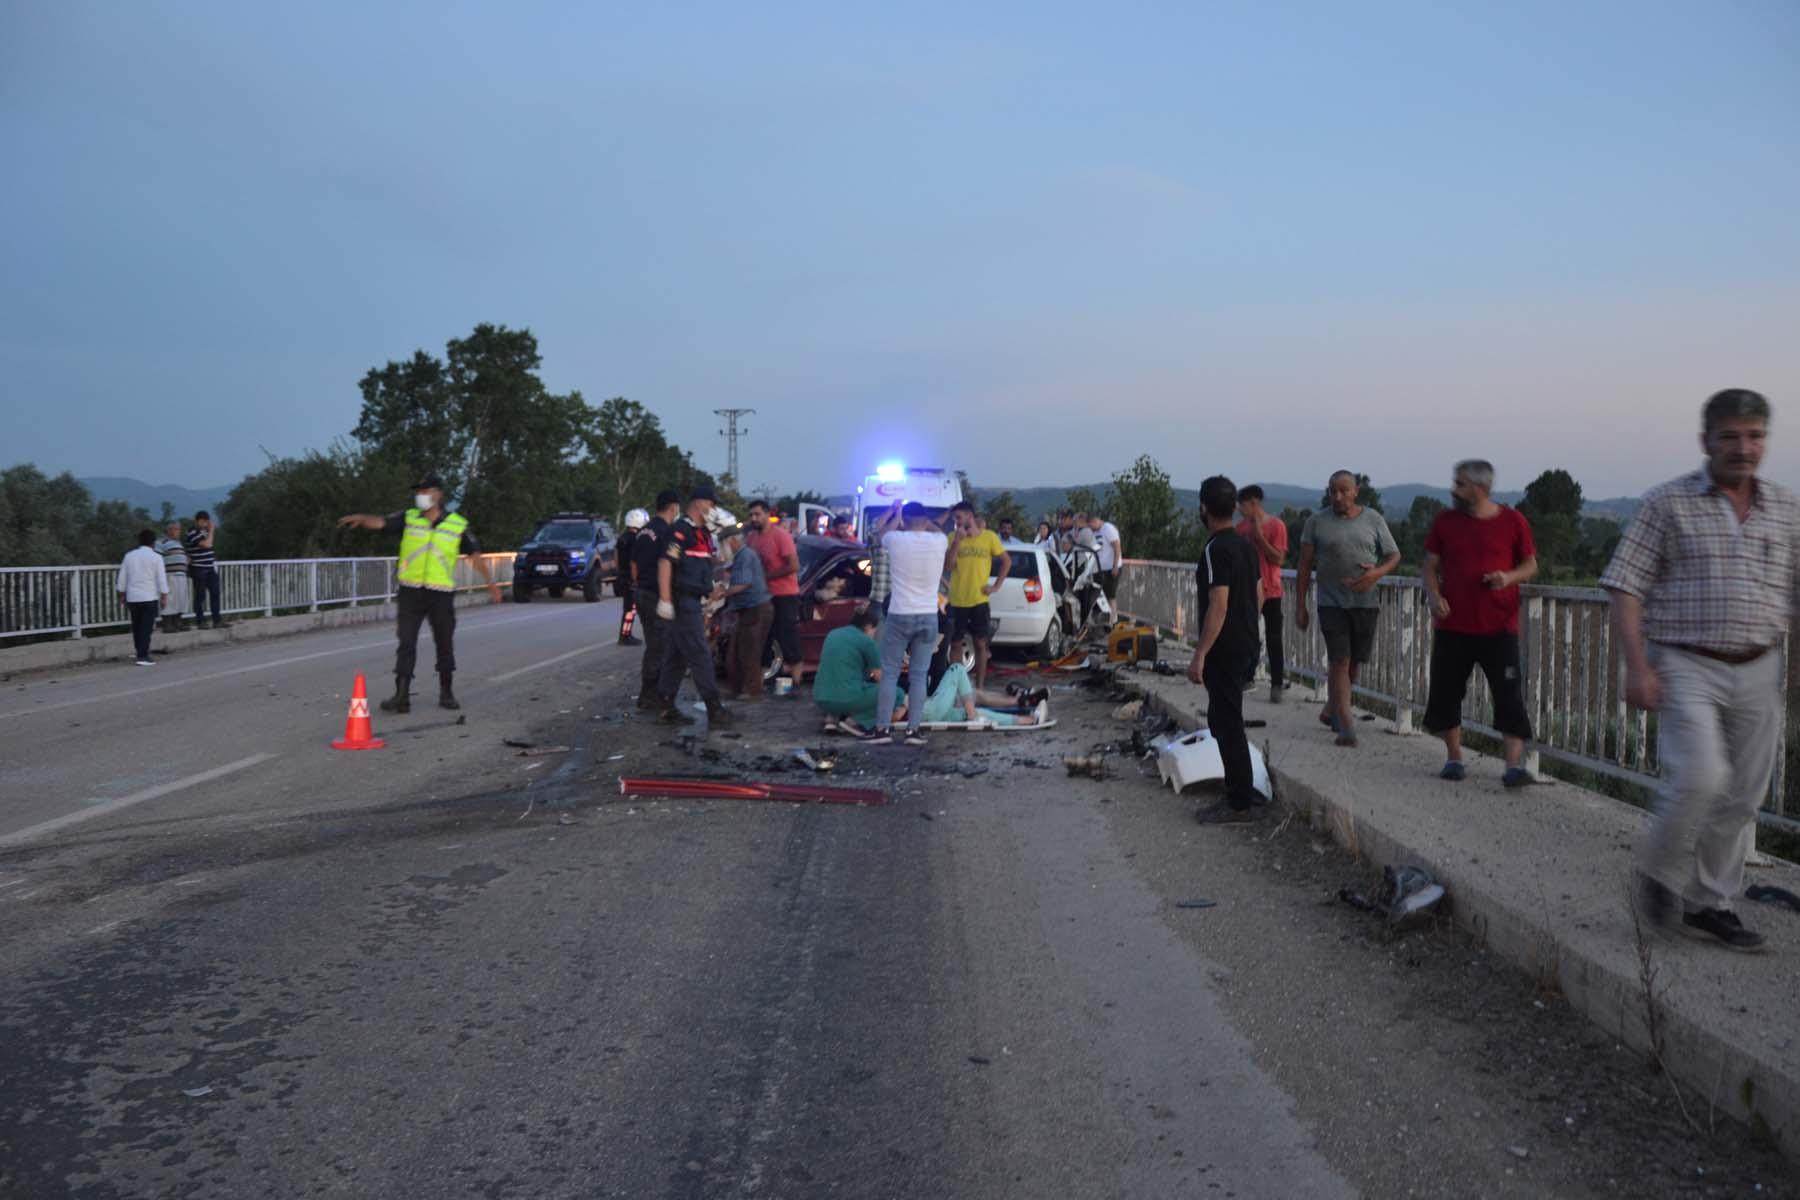 Çanakkale Biga'da can pazarı! iki otomobil kafa kafaya çarpıştı: 3 ölü, 5 yaralı